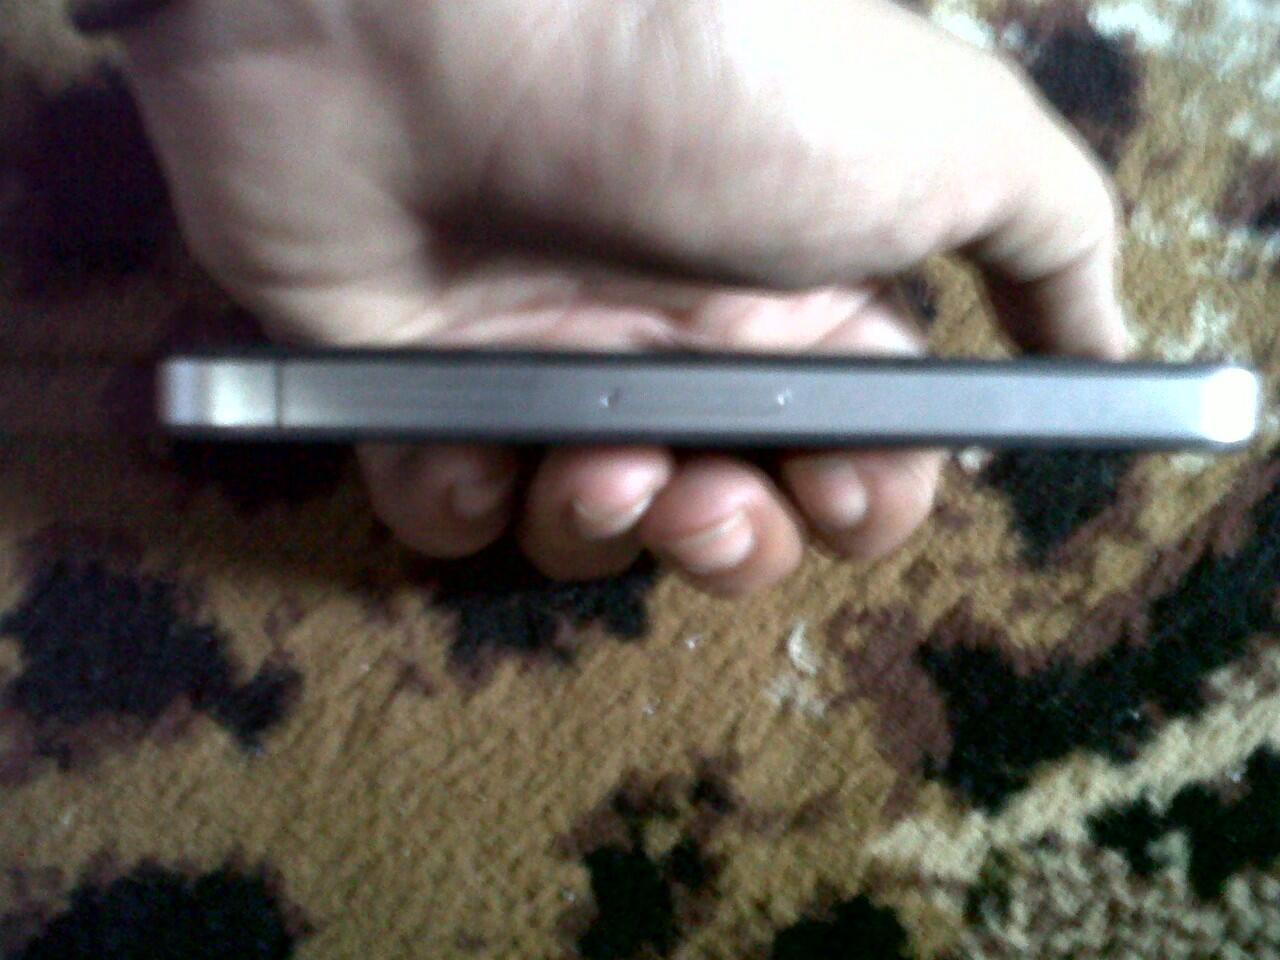 jual iphone 4g 16gb FU gsm black mulus dan lengkap bandung!!